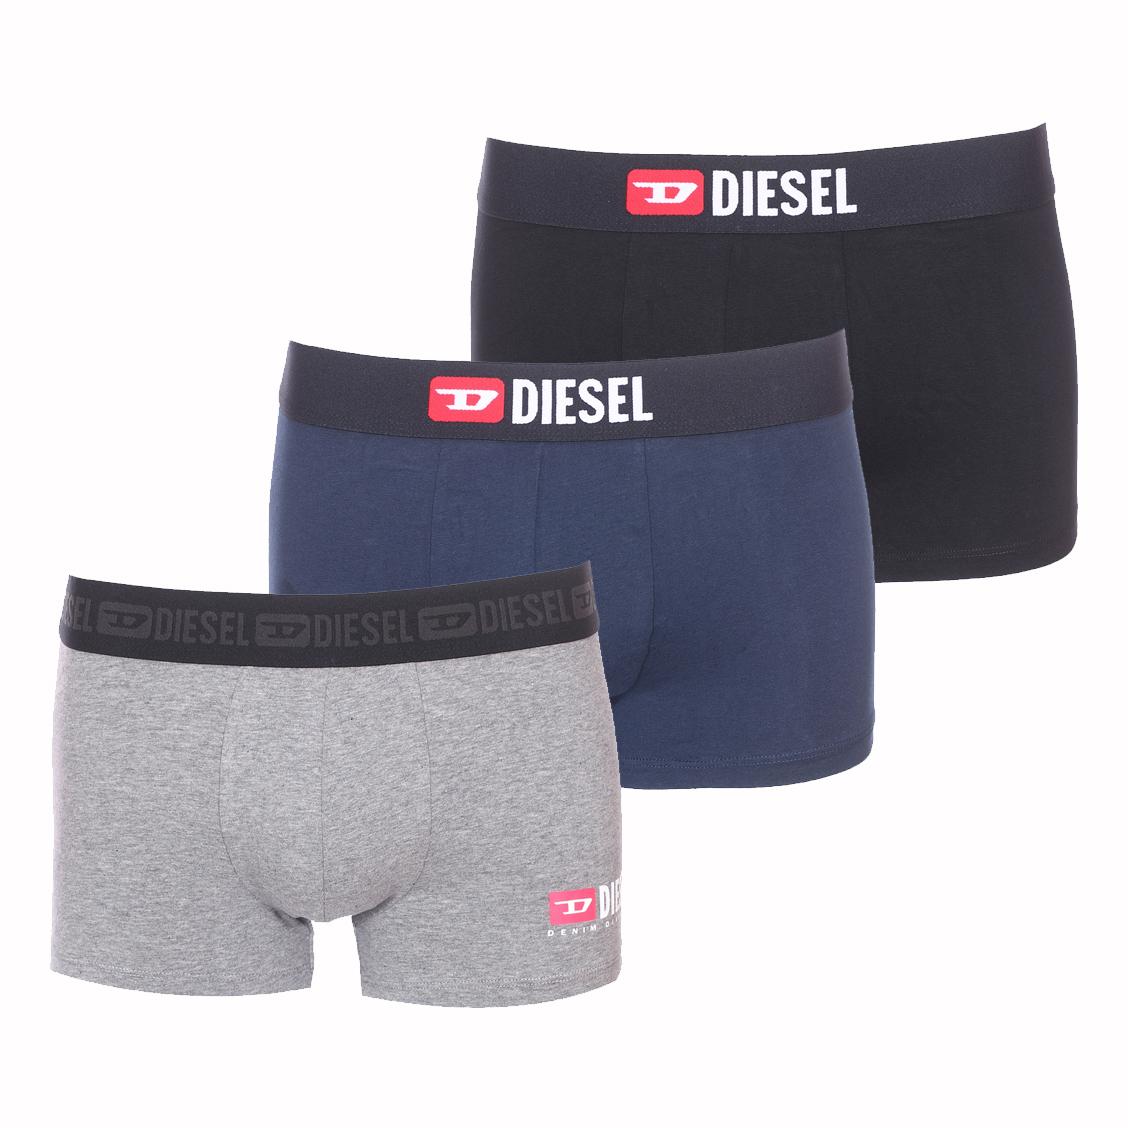 Lot de 3 boxers diesel damien en coton stretch noir, bleu marine et gris chiné